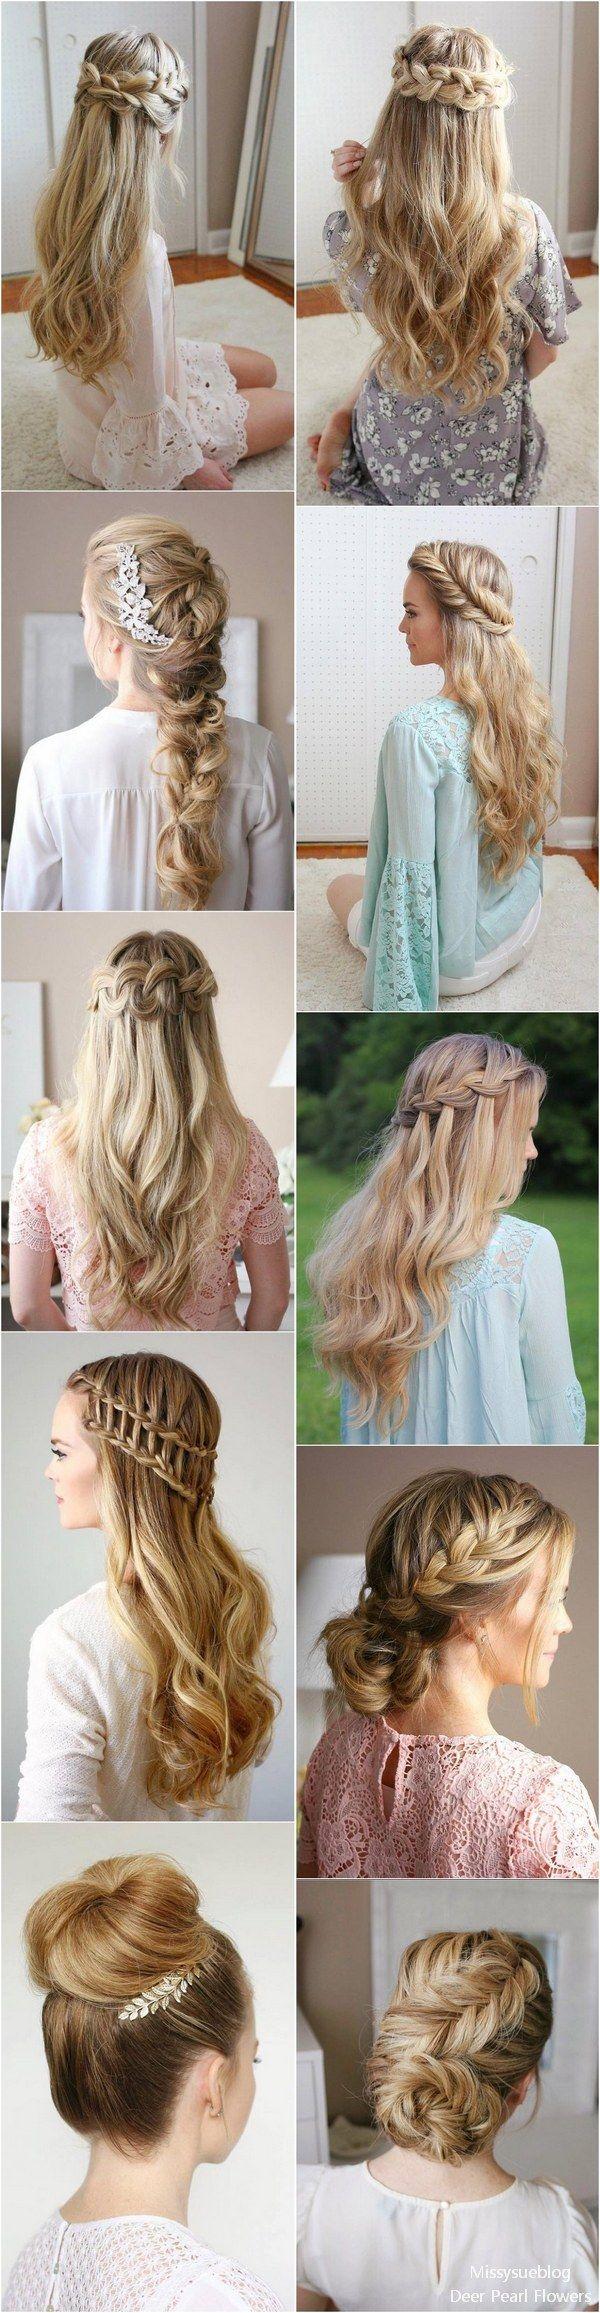 trendy long wedding u prom hairstyles to try in penteados